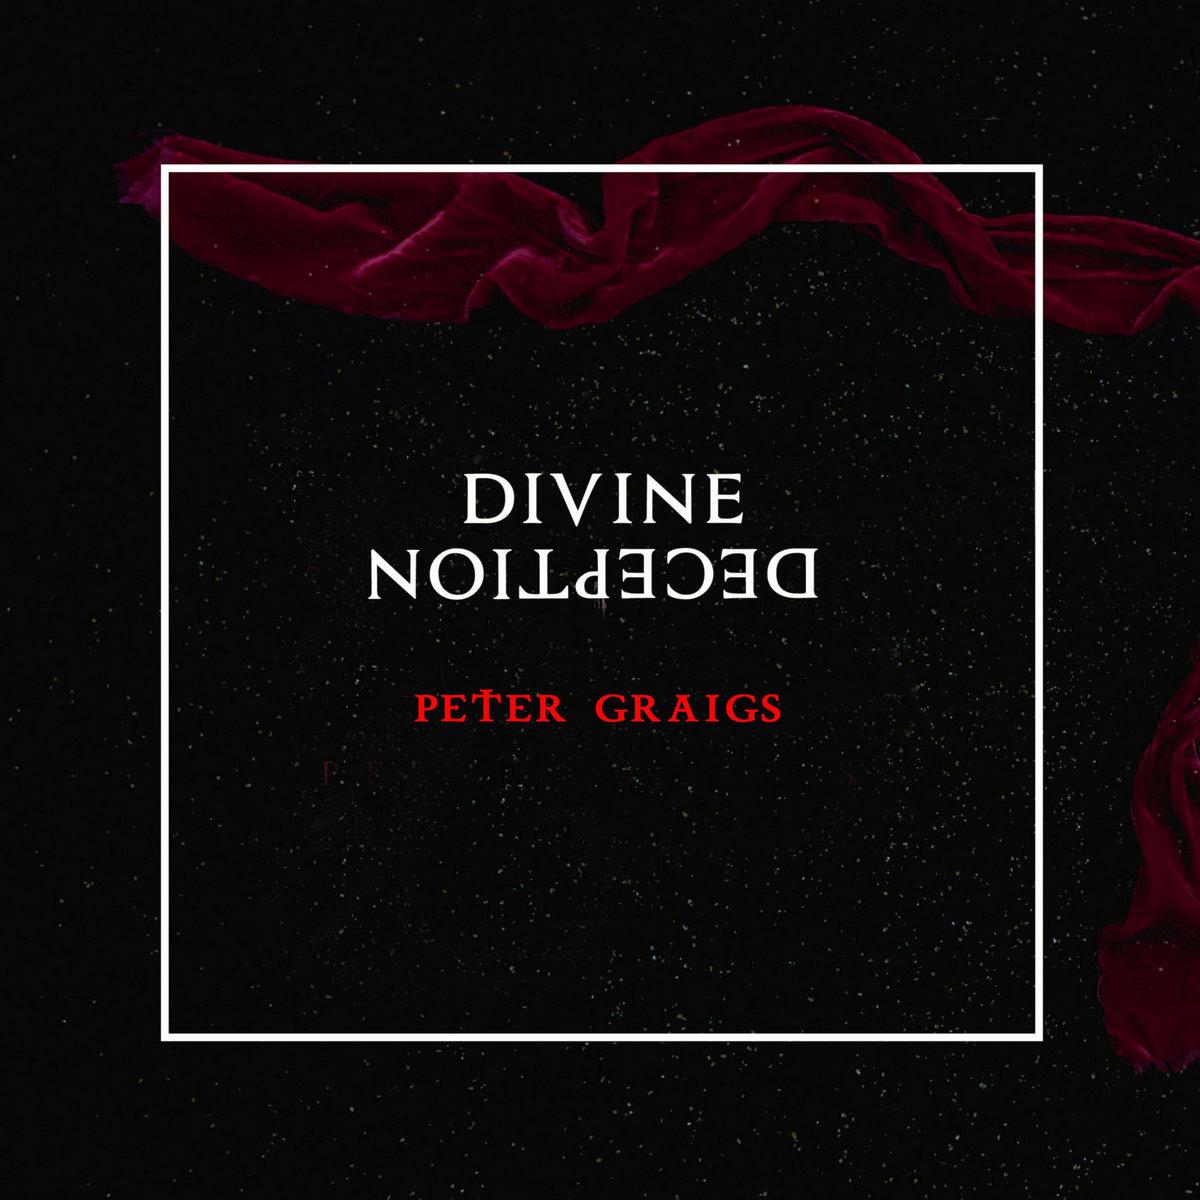 DIVINE DECEPTION by PETER GRAIGS